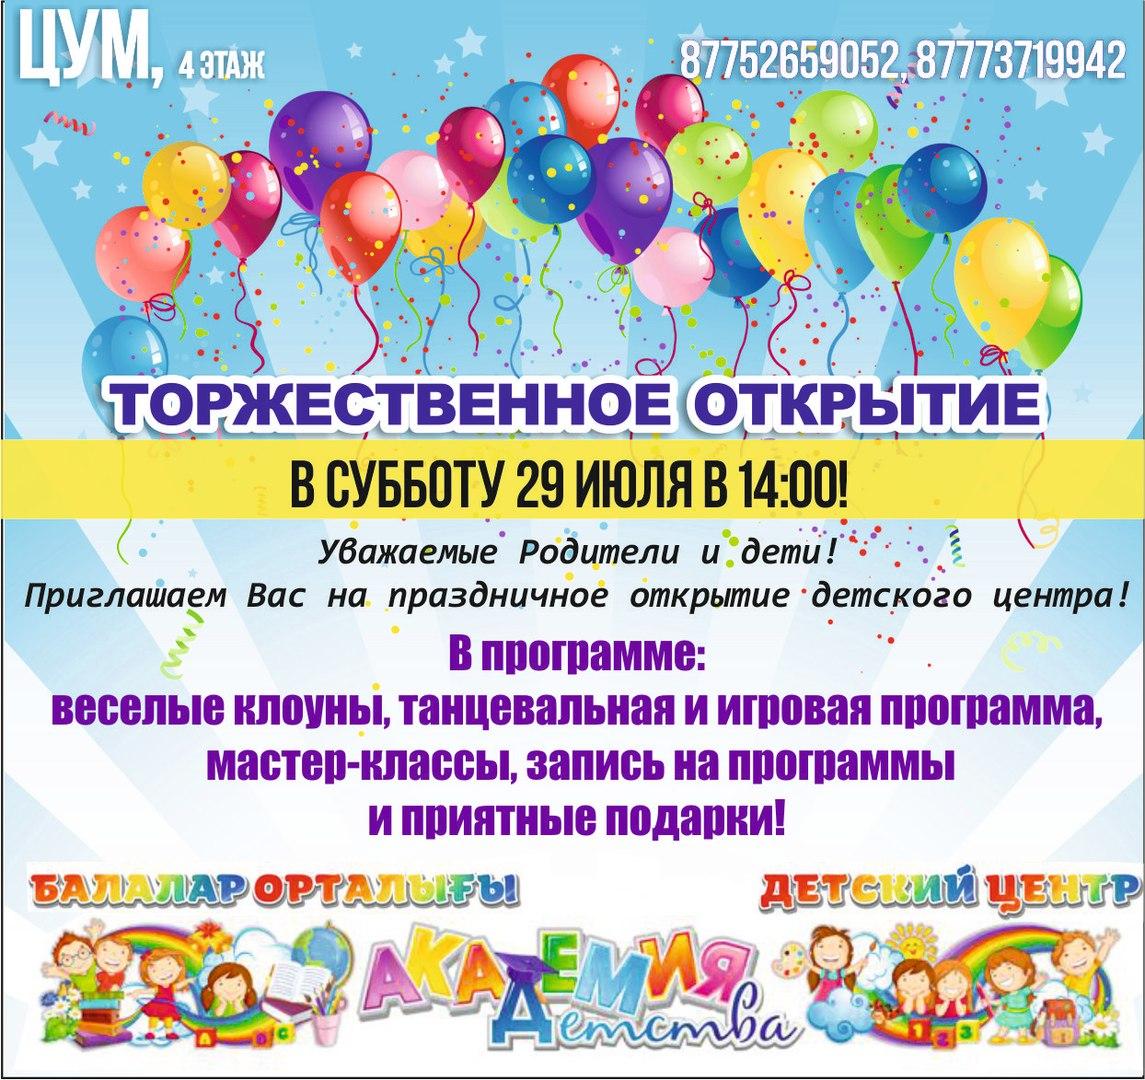 праздничное открытие детского центра